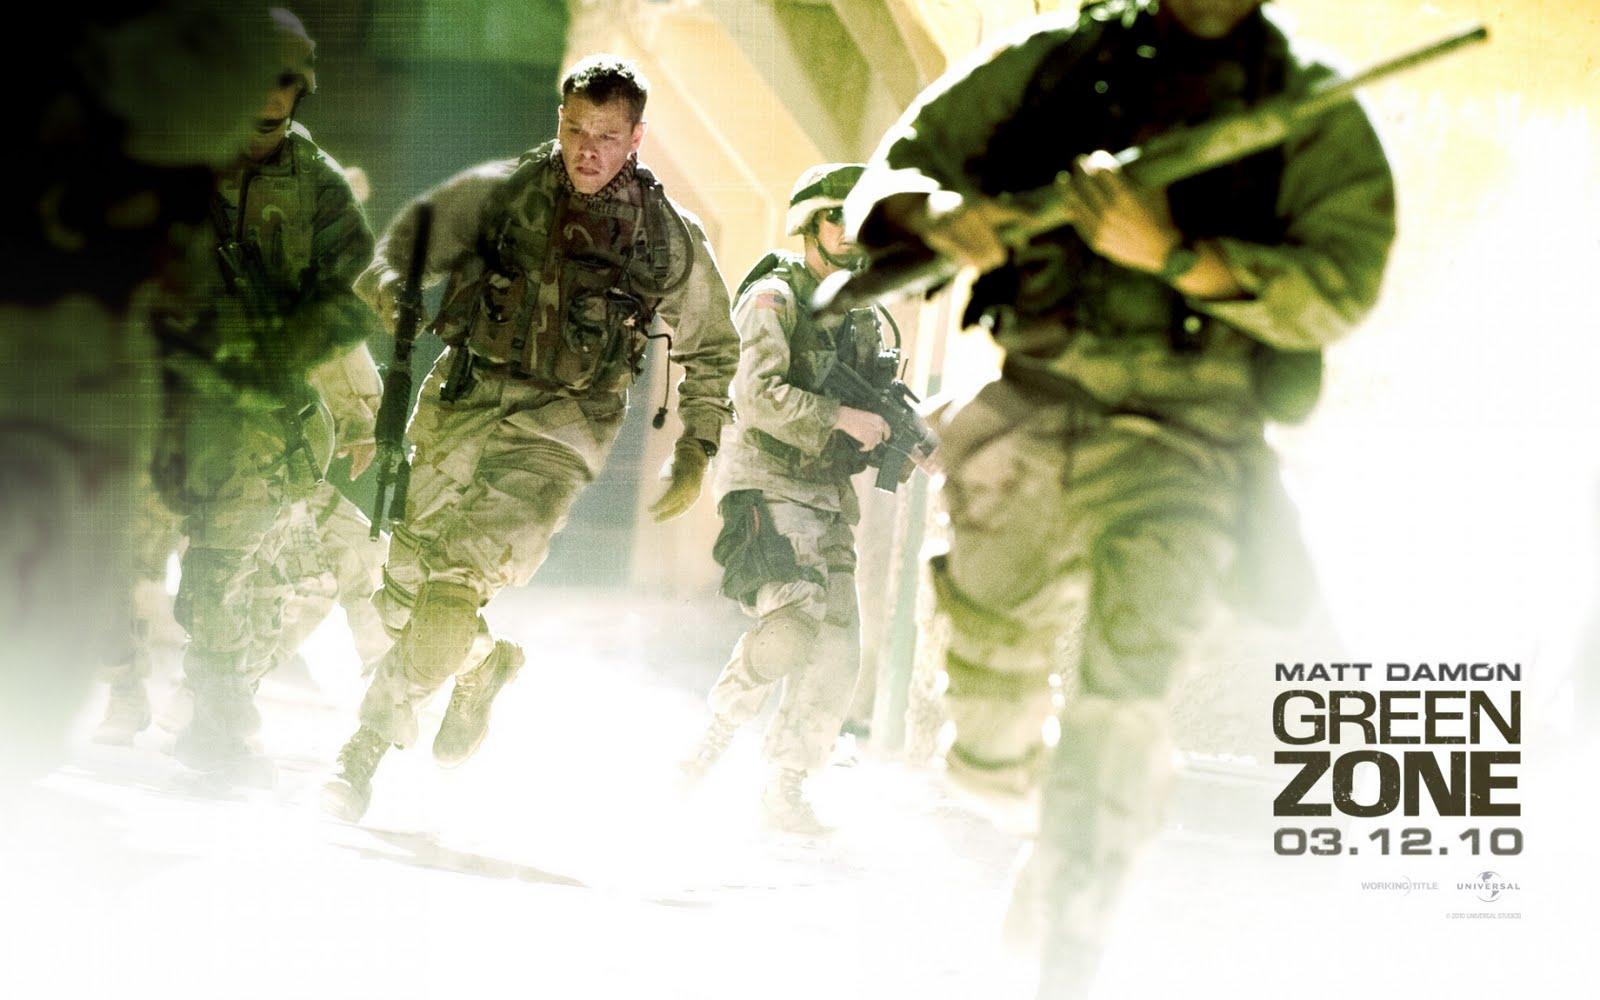 http://1.bp.blogspot.com/_V6TVDECge74/TAQ3Eyqvw0I/AAAAAAAAAf4/QDEI-rBEbqI/s1600/soldiers+in+green-zone-wallpaper.jpg